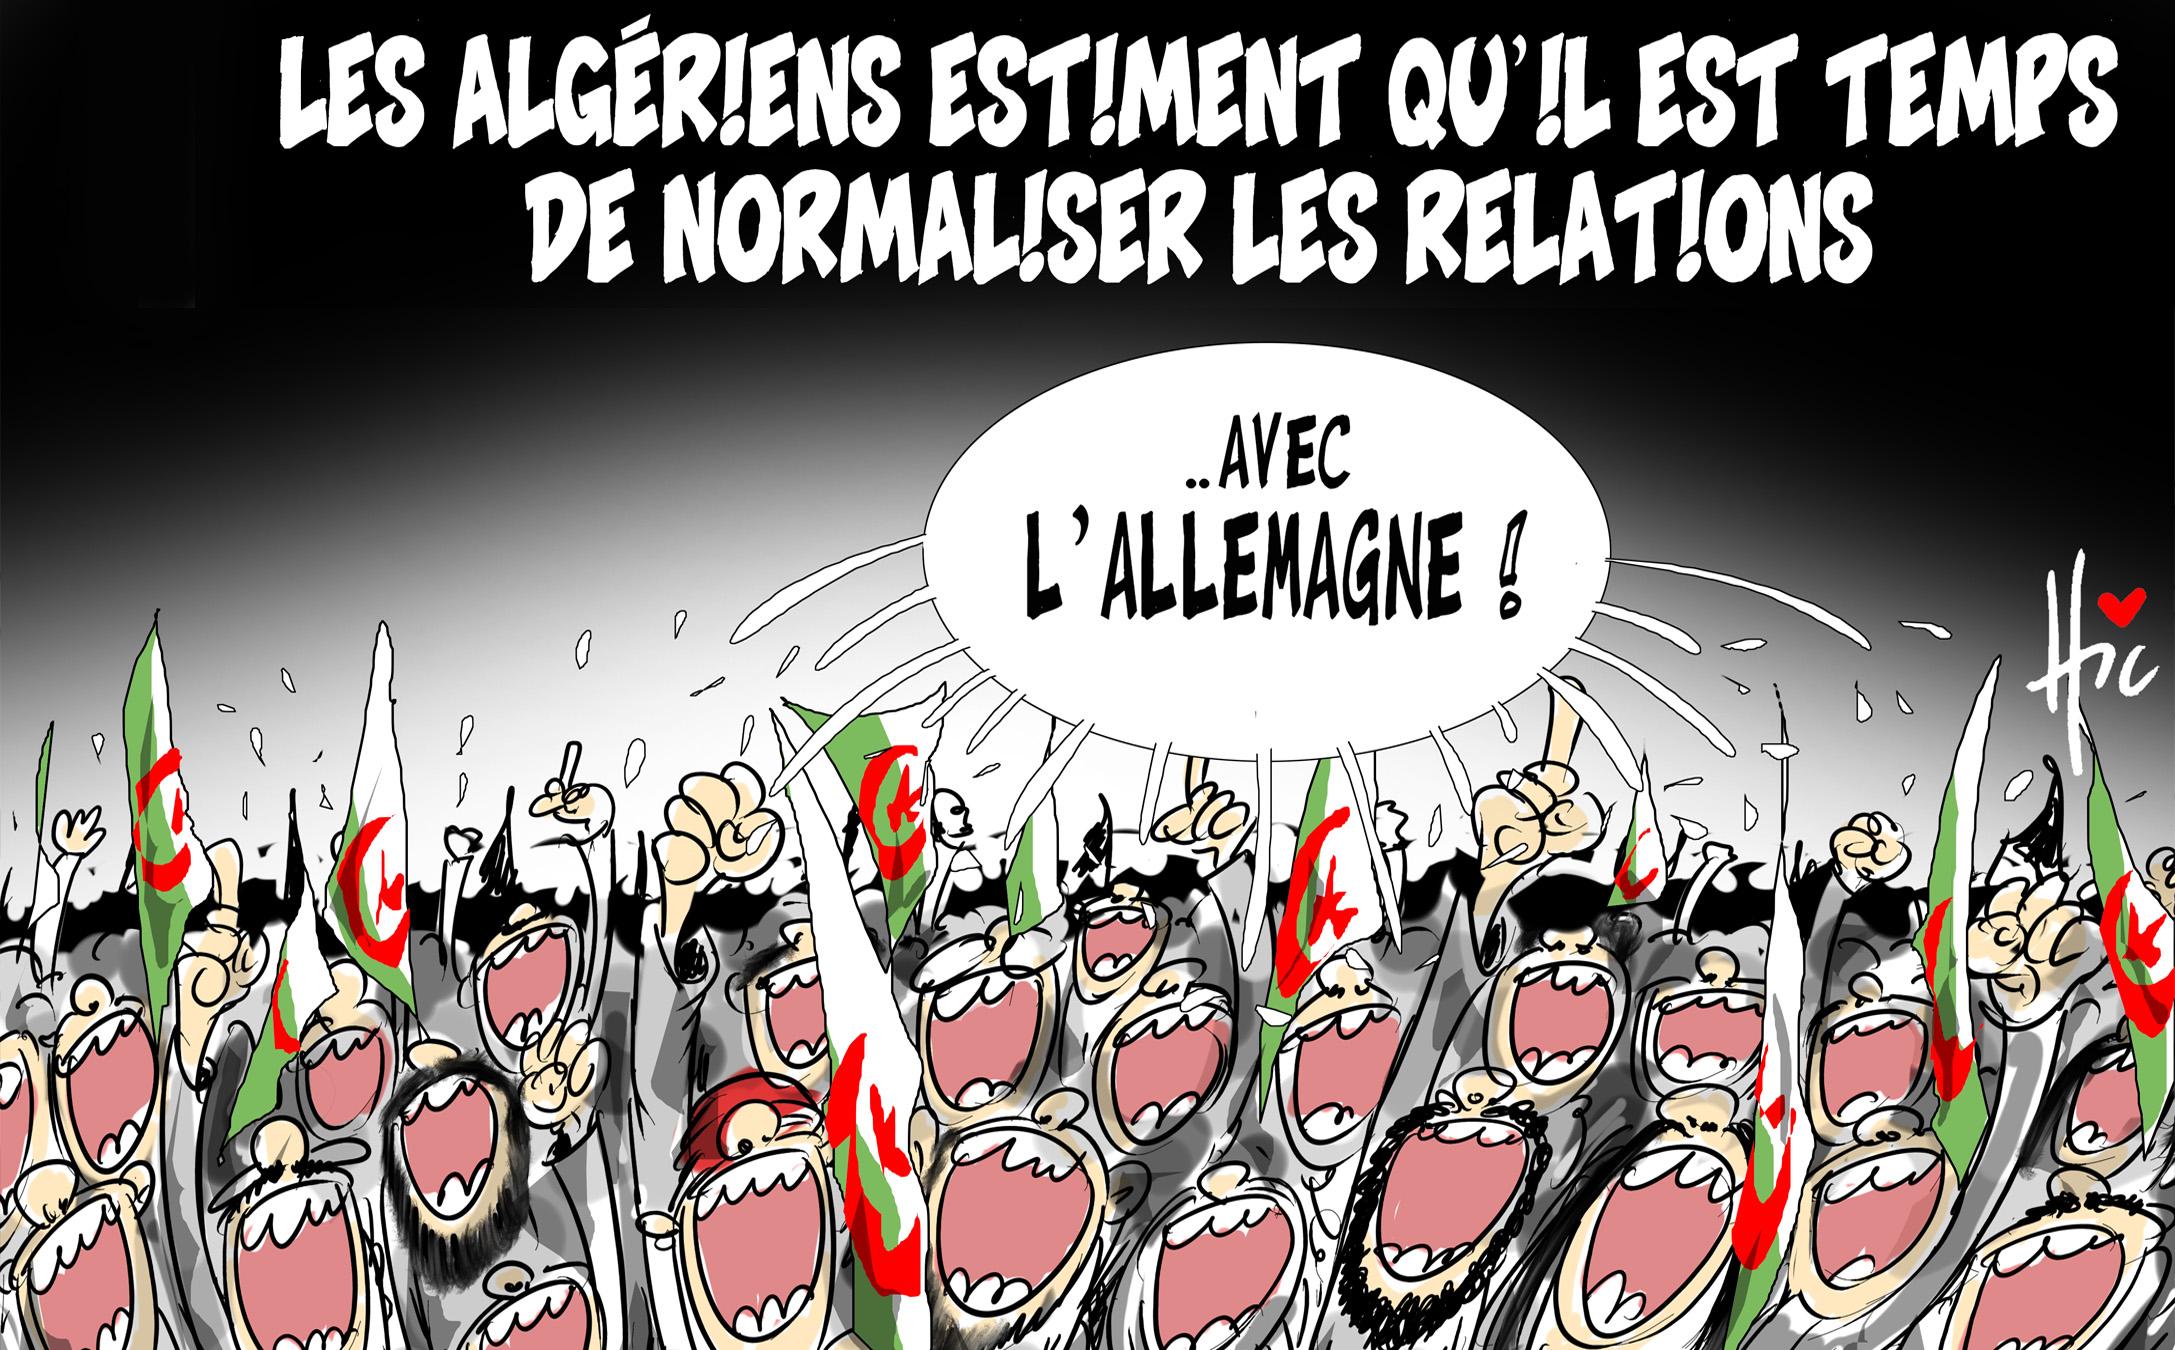 Les algériens estiment qu'il est temps de normaliser les relations avec l'Allemagne - Algériens - Gagdz.com